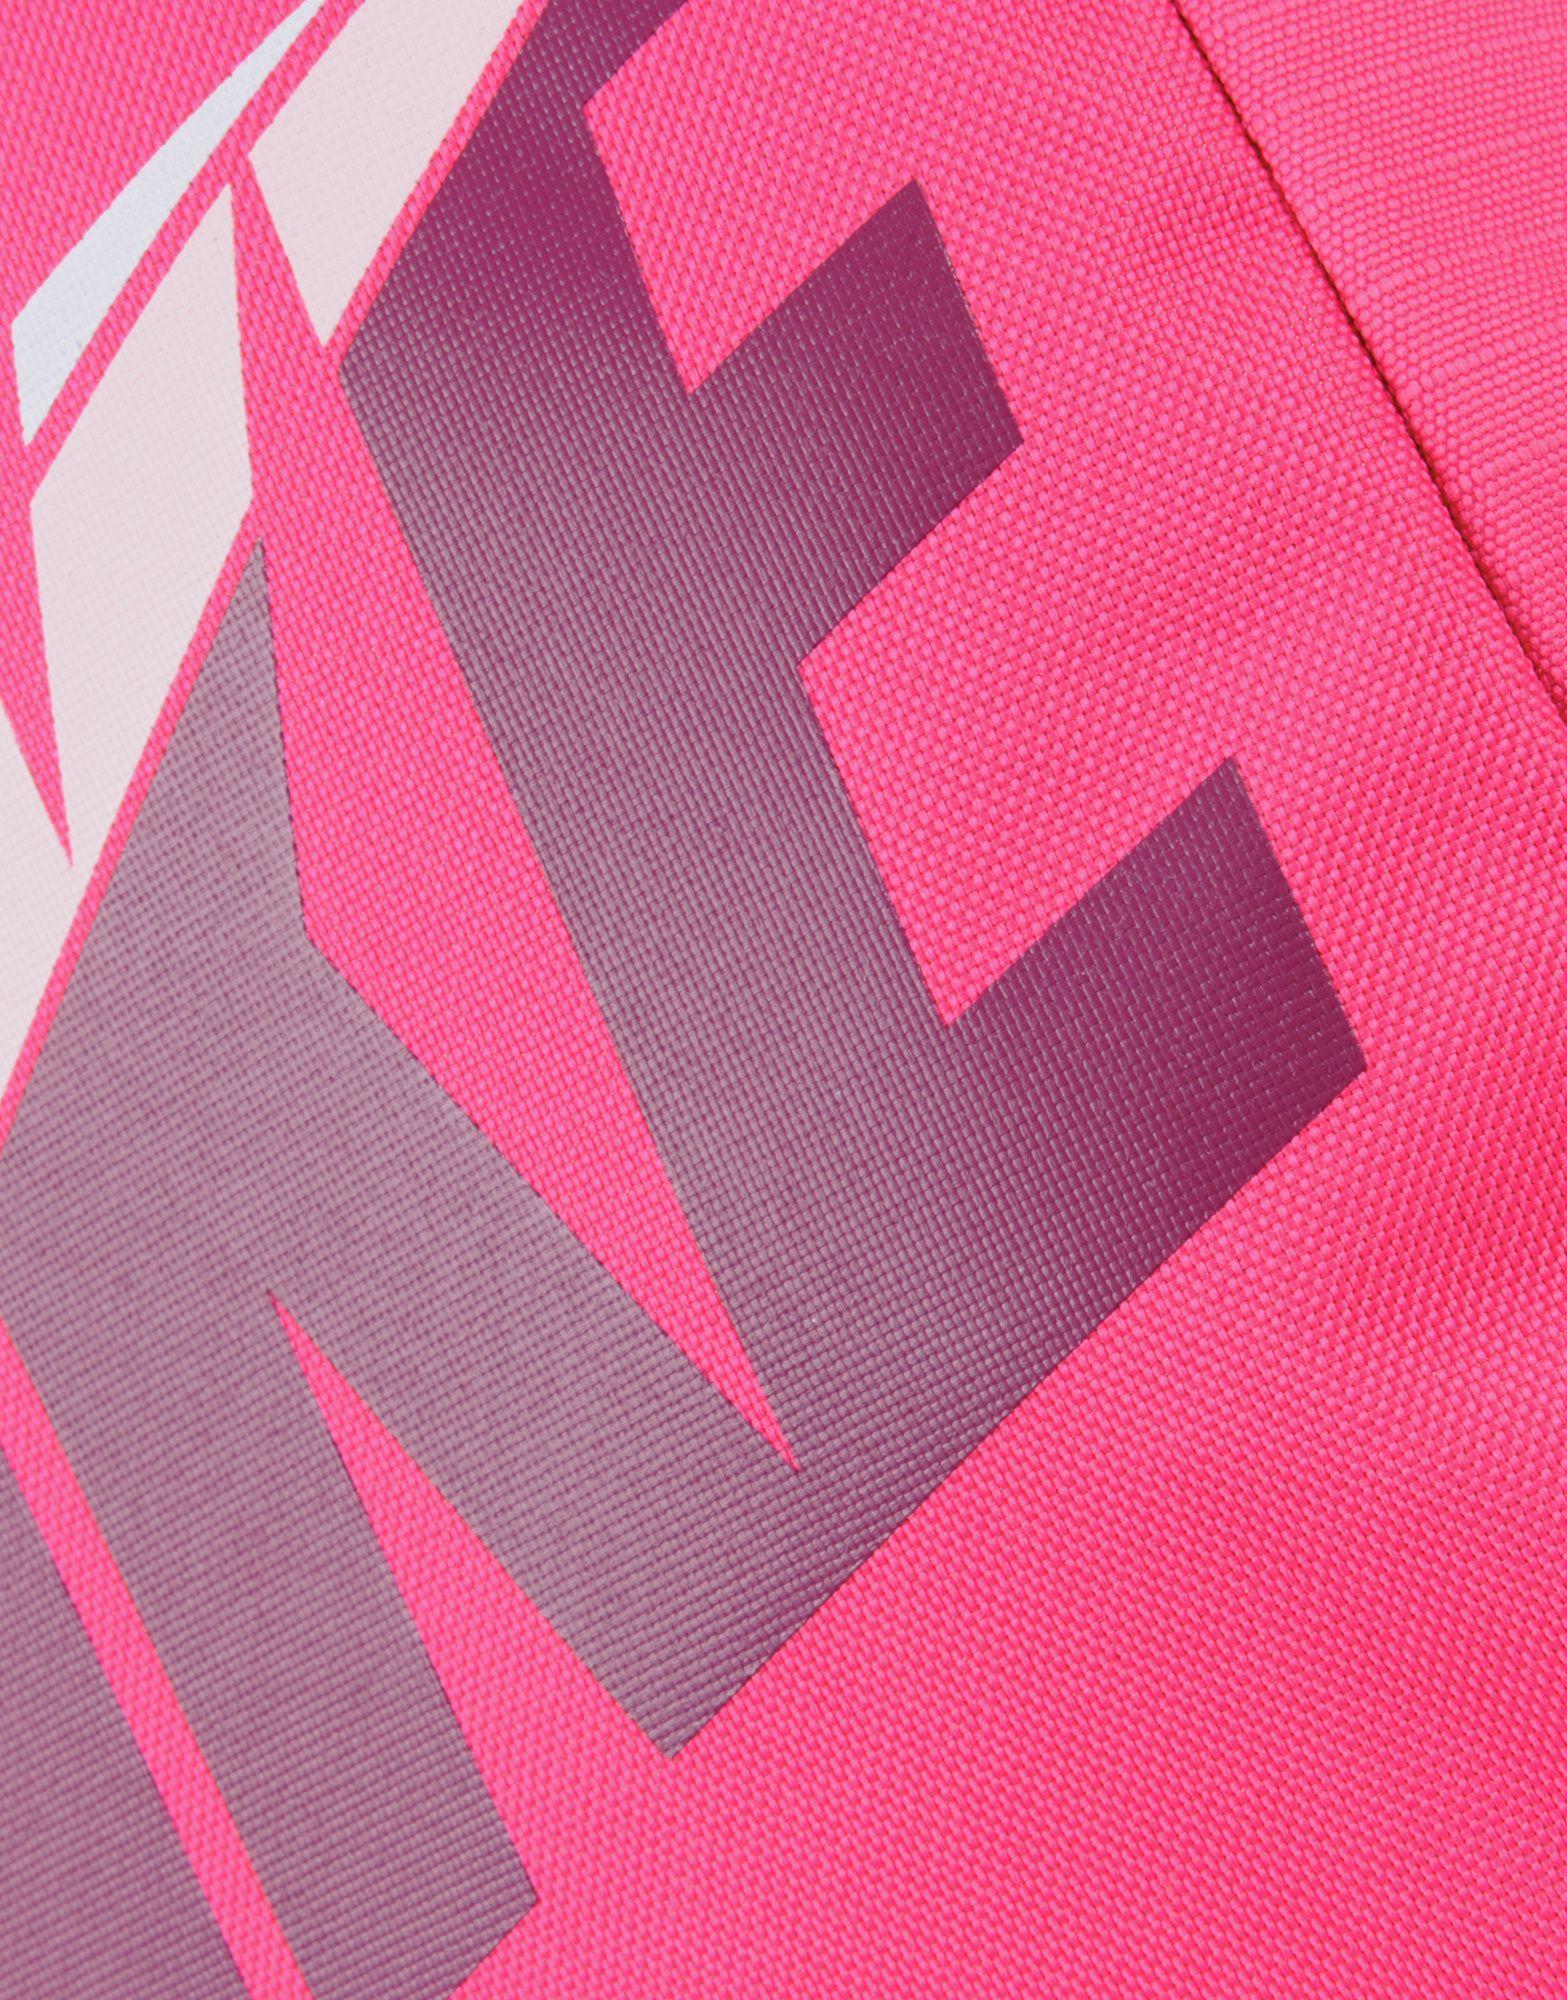 Nike Classic Turf Backpack